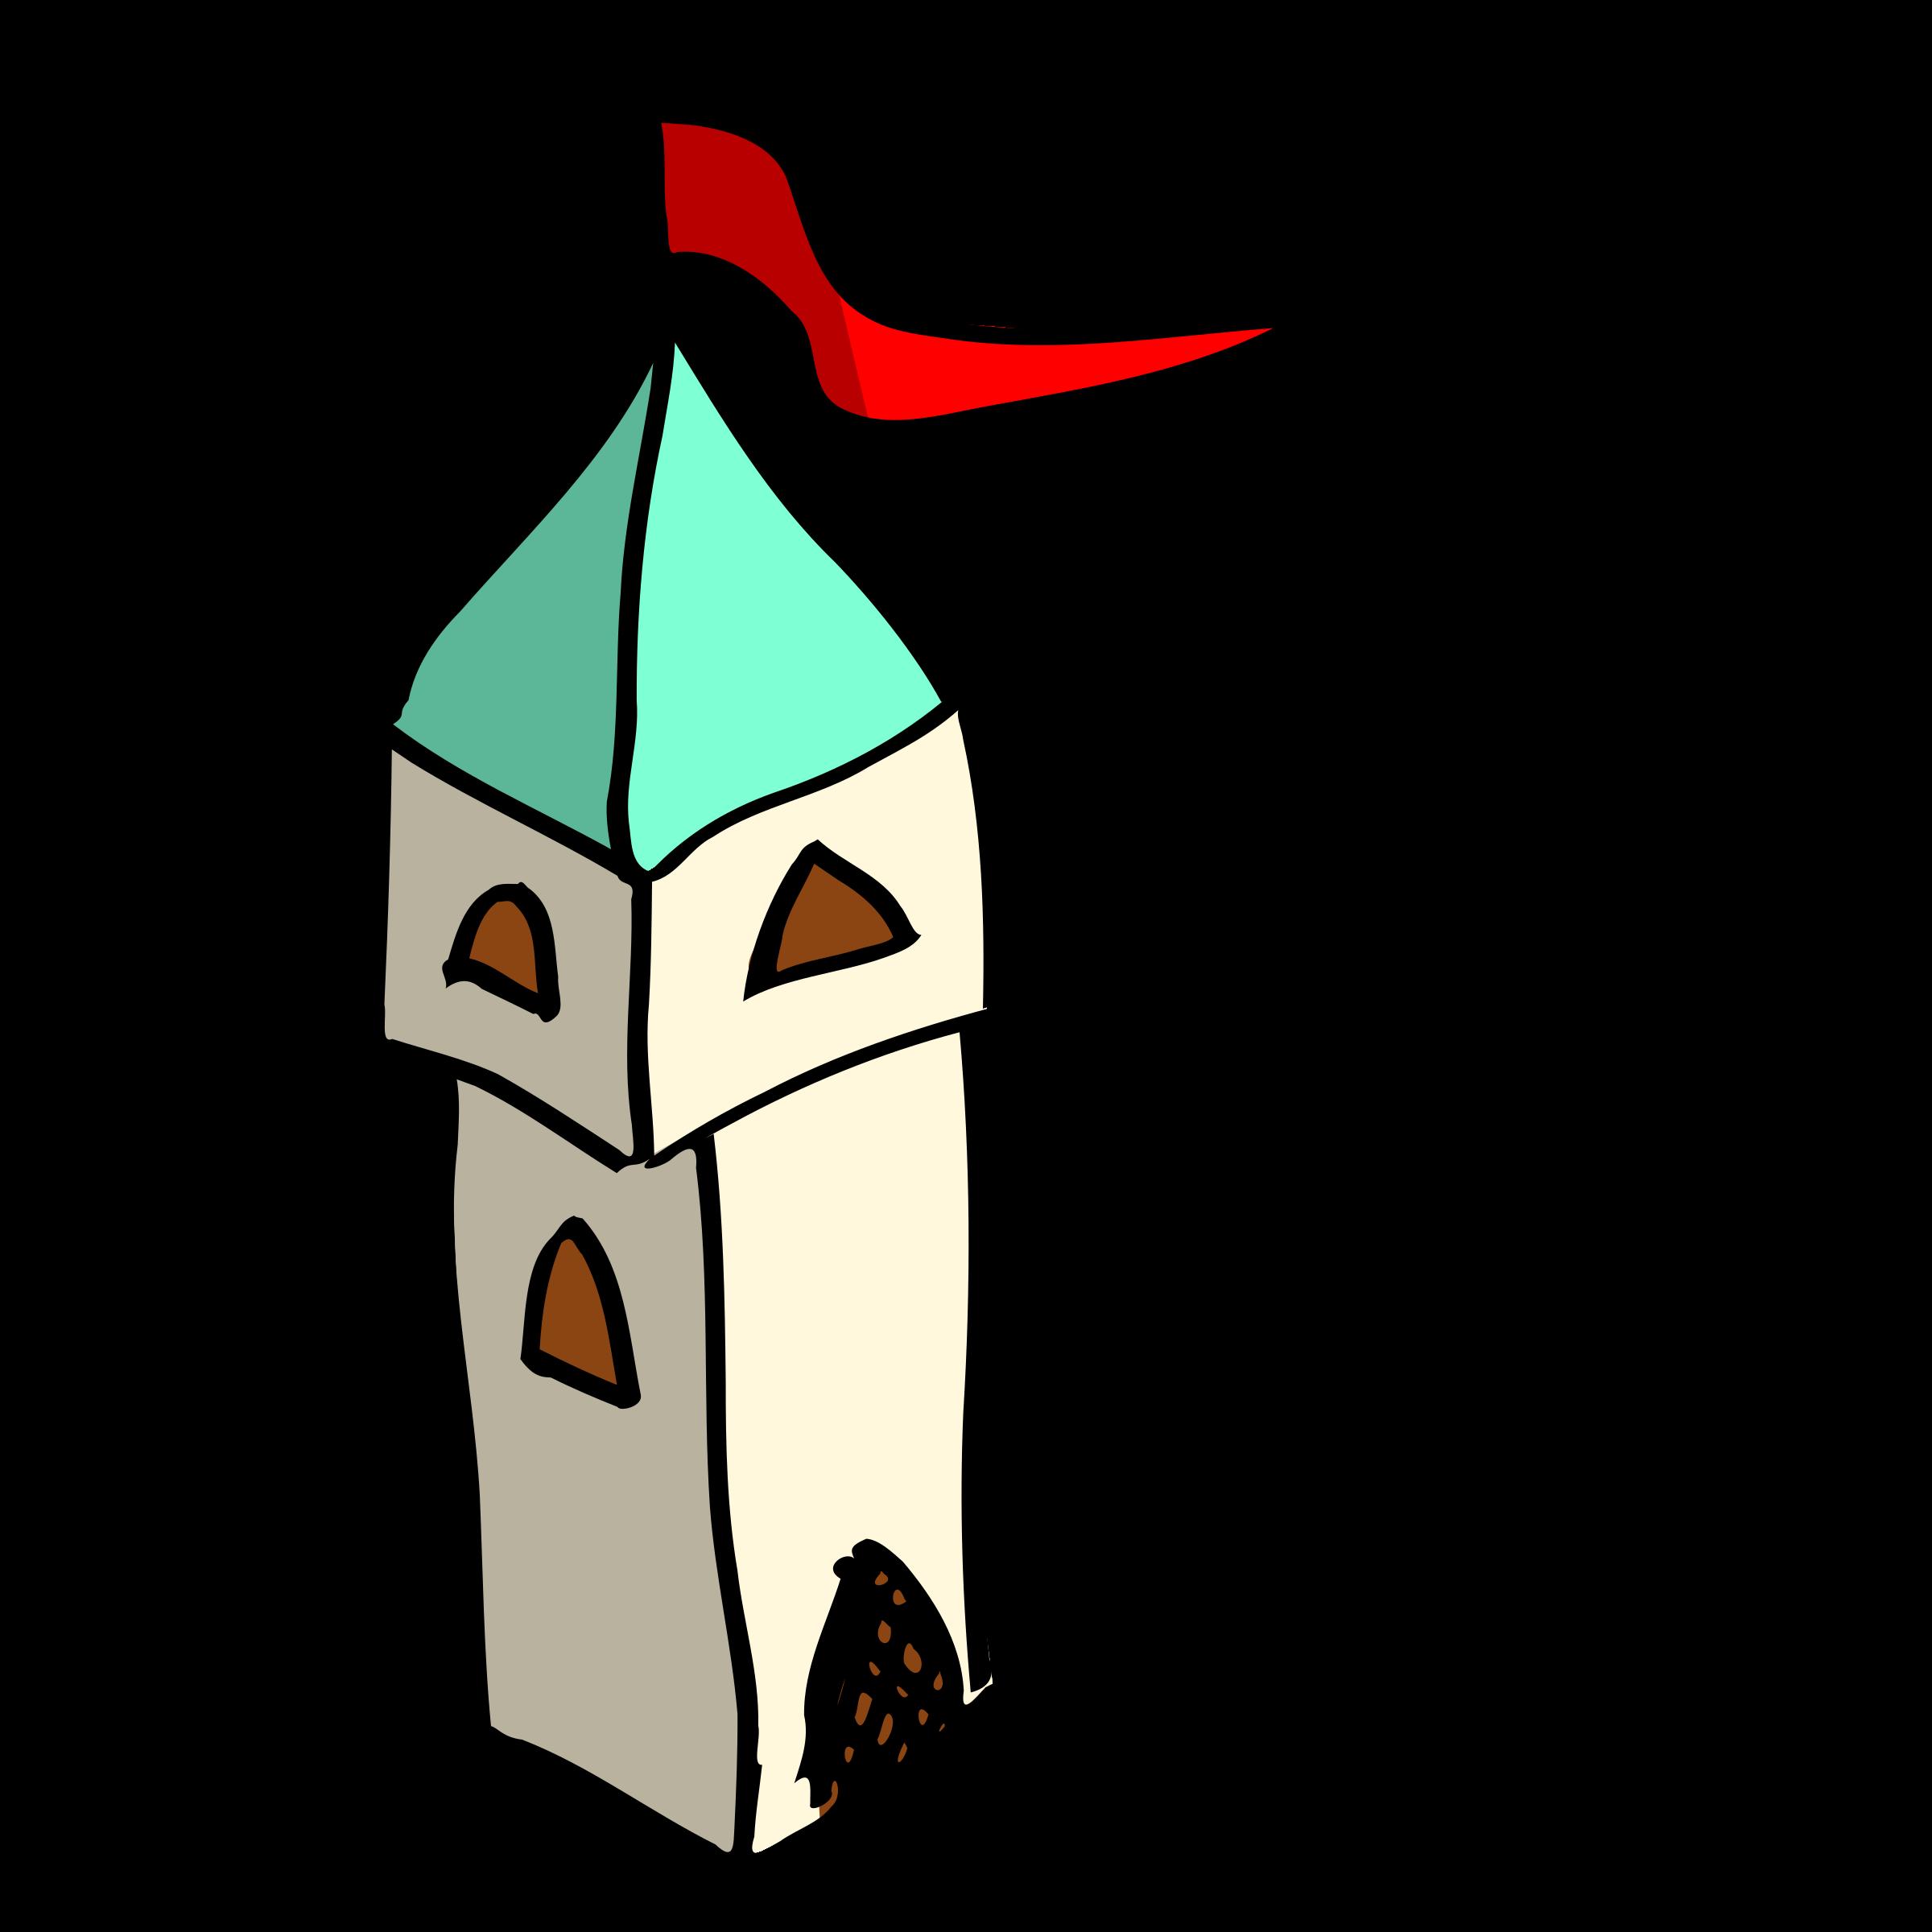 Tower clipart cartoon. Rpg map symbols big